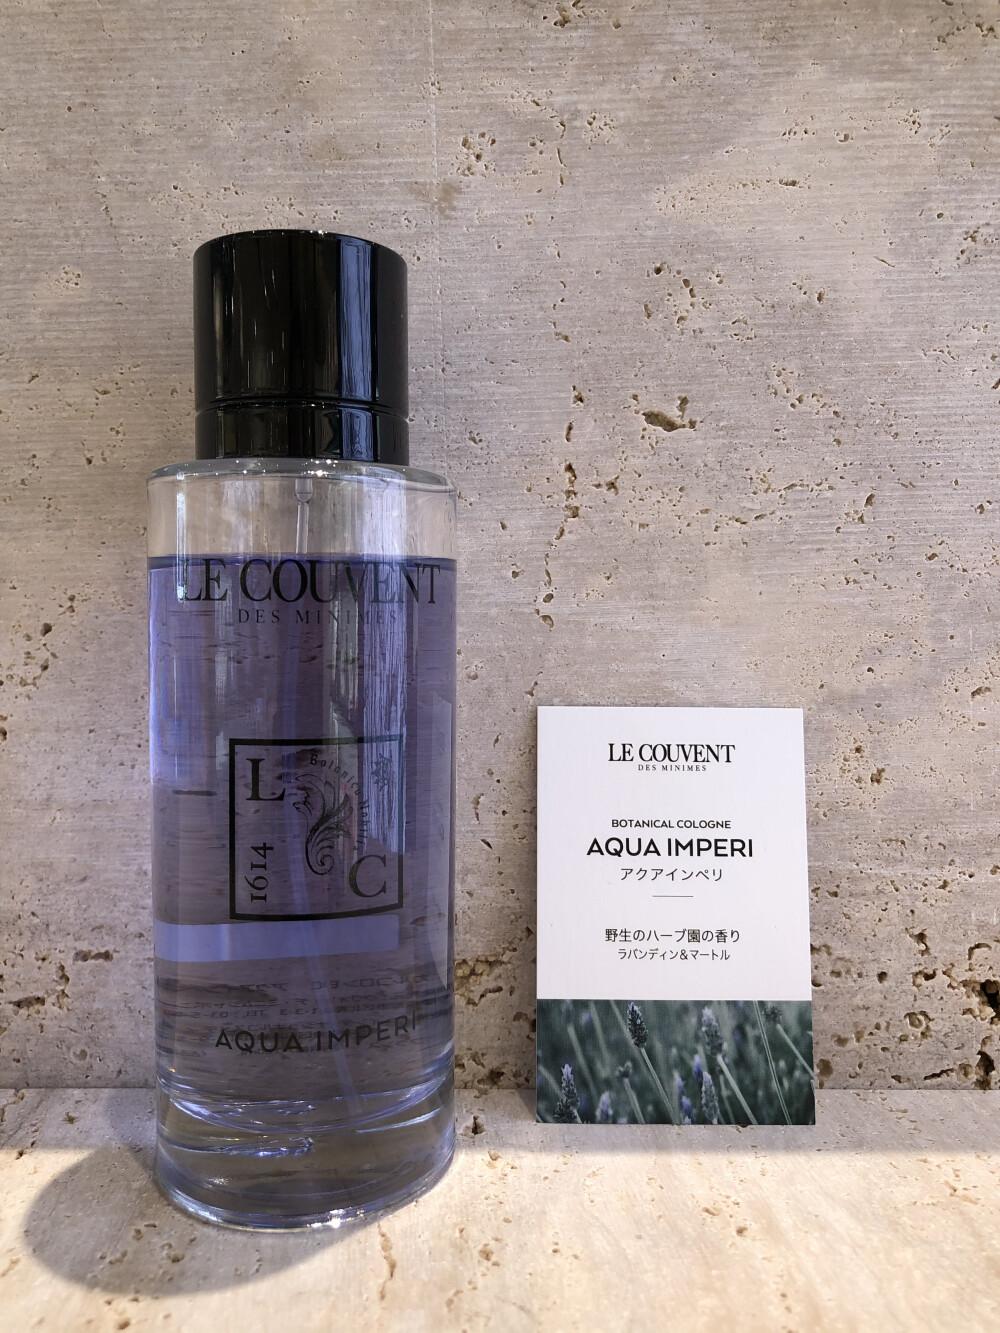 AQUAIMPERI〈アクアインペリ〉〜ハーブ園の香り〜